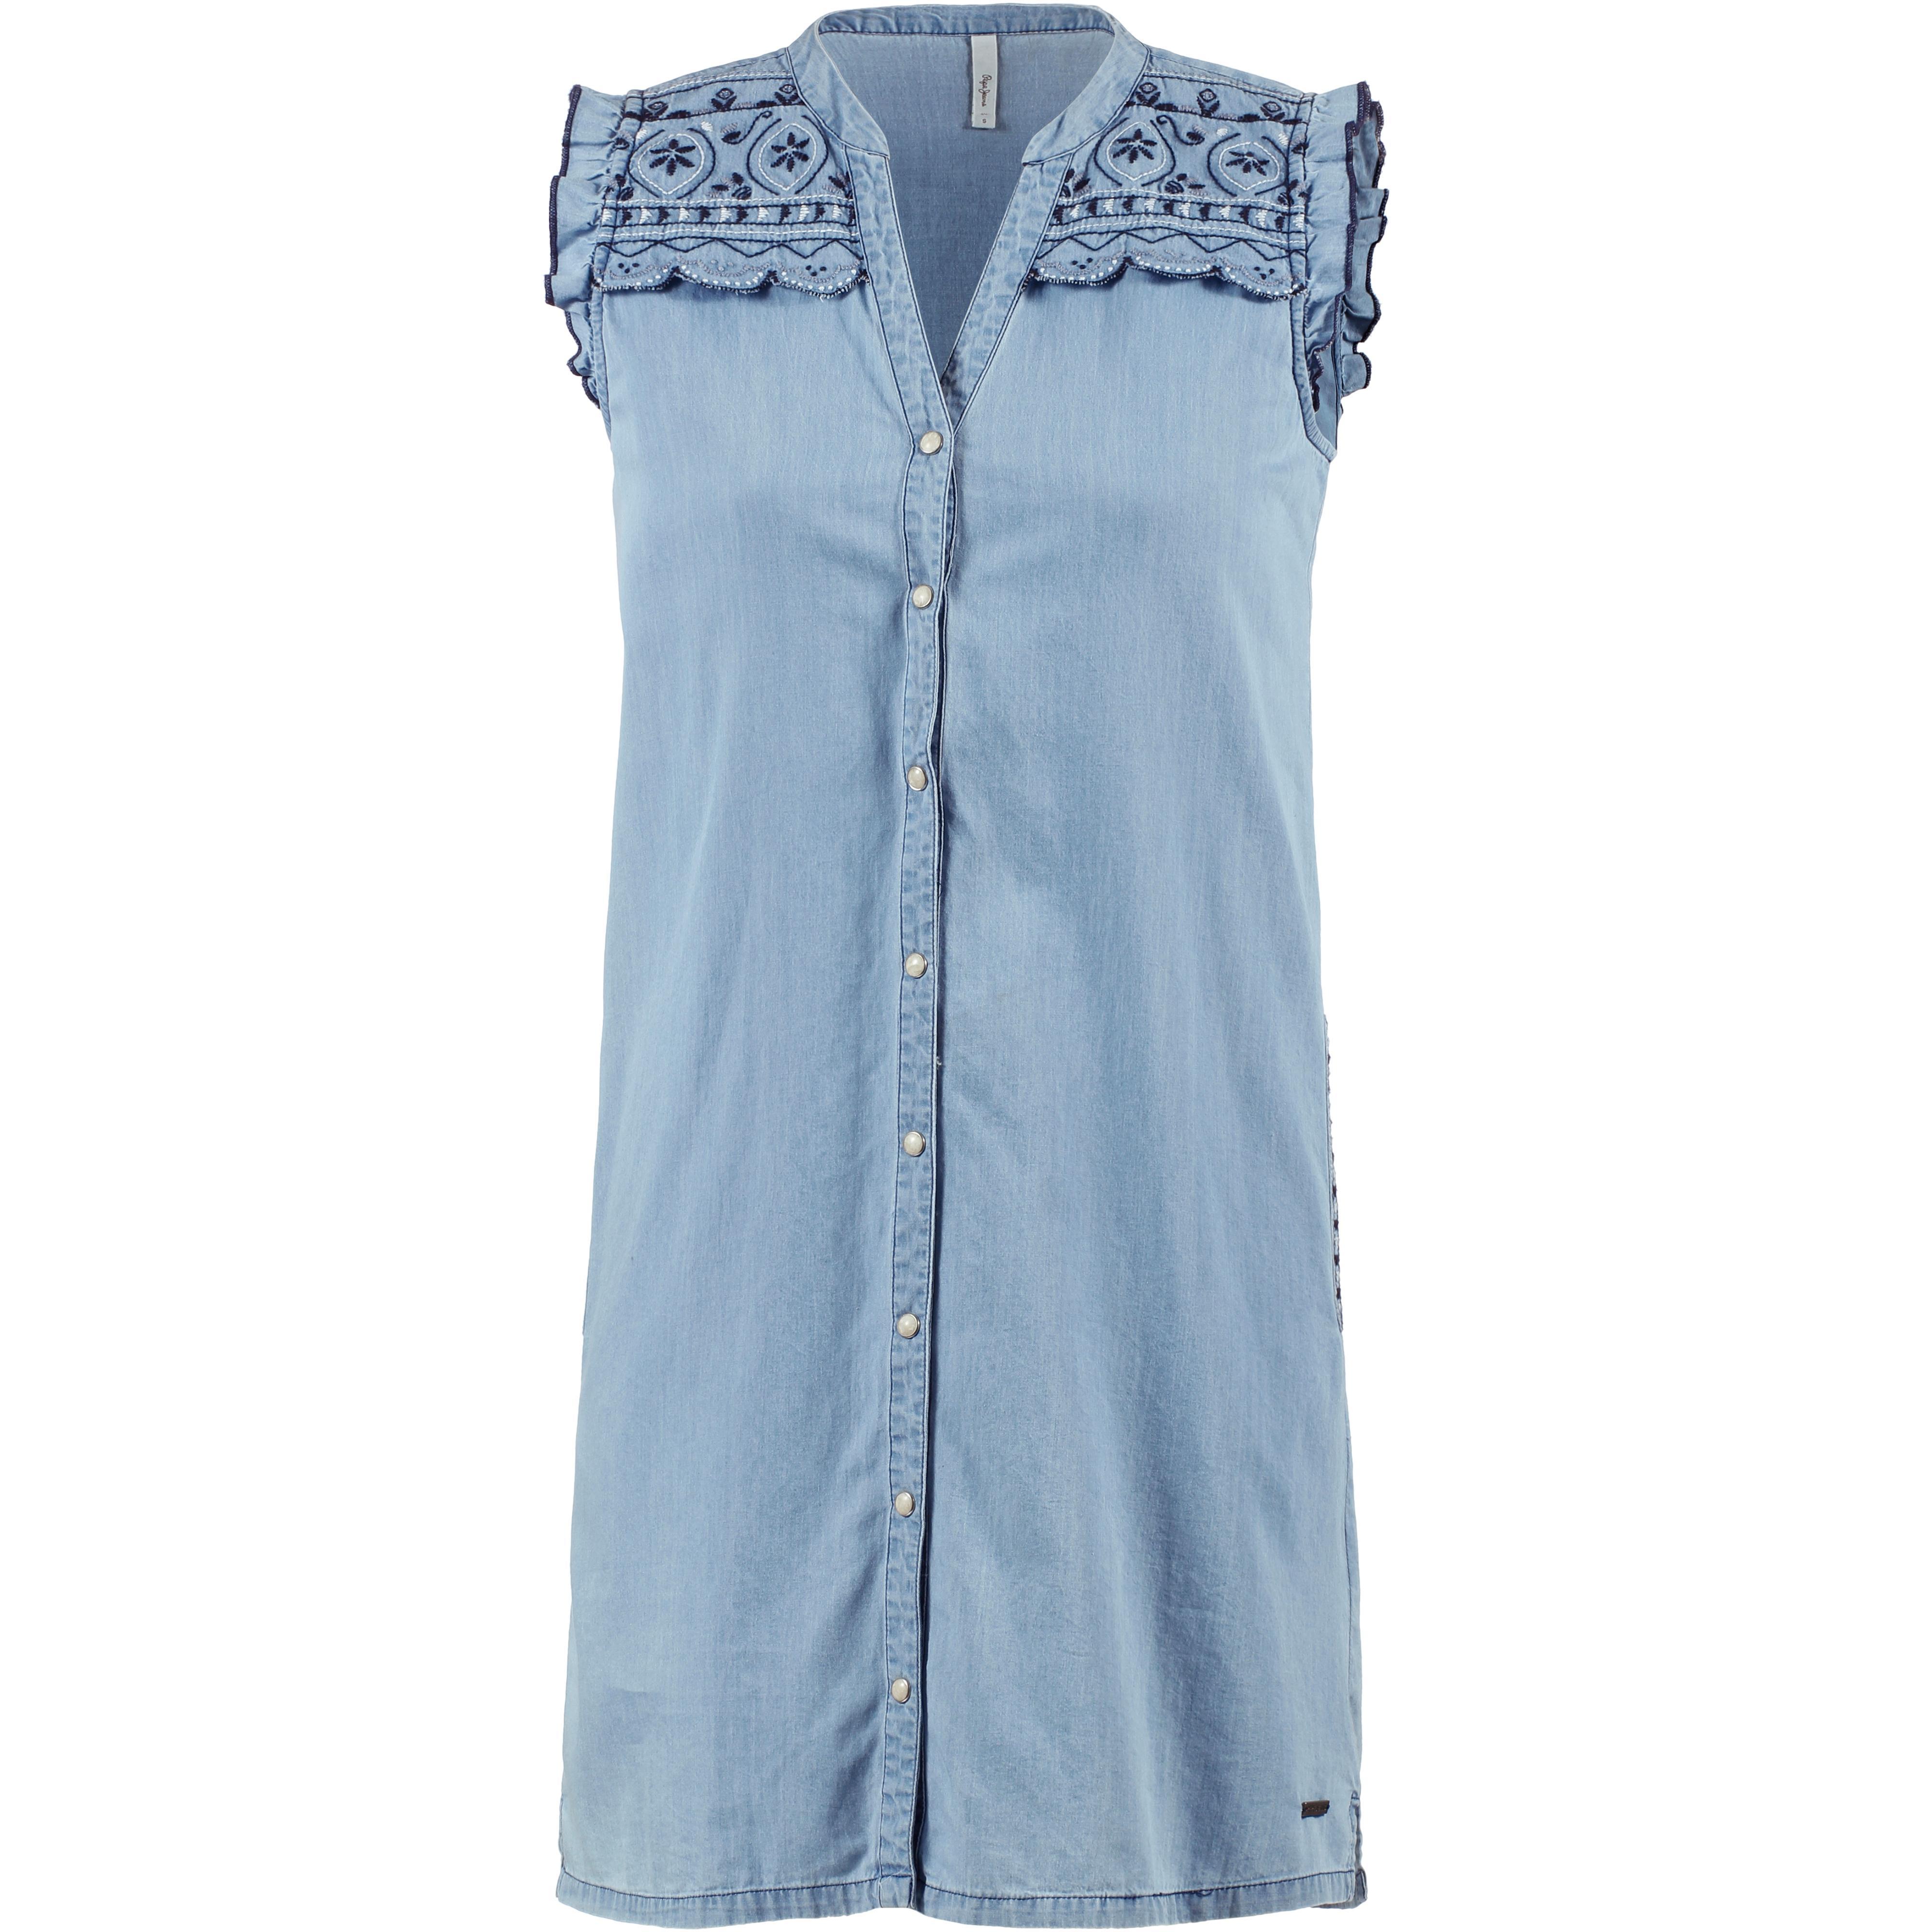 Jeanskleid Blue Im Damen Online Jeans Shop Pepe Sportscheck Kaufen Von dCBxeroW